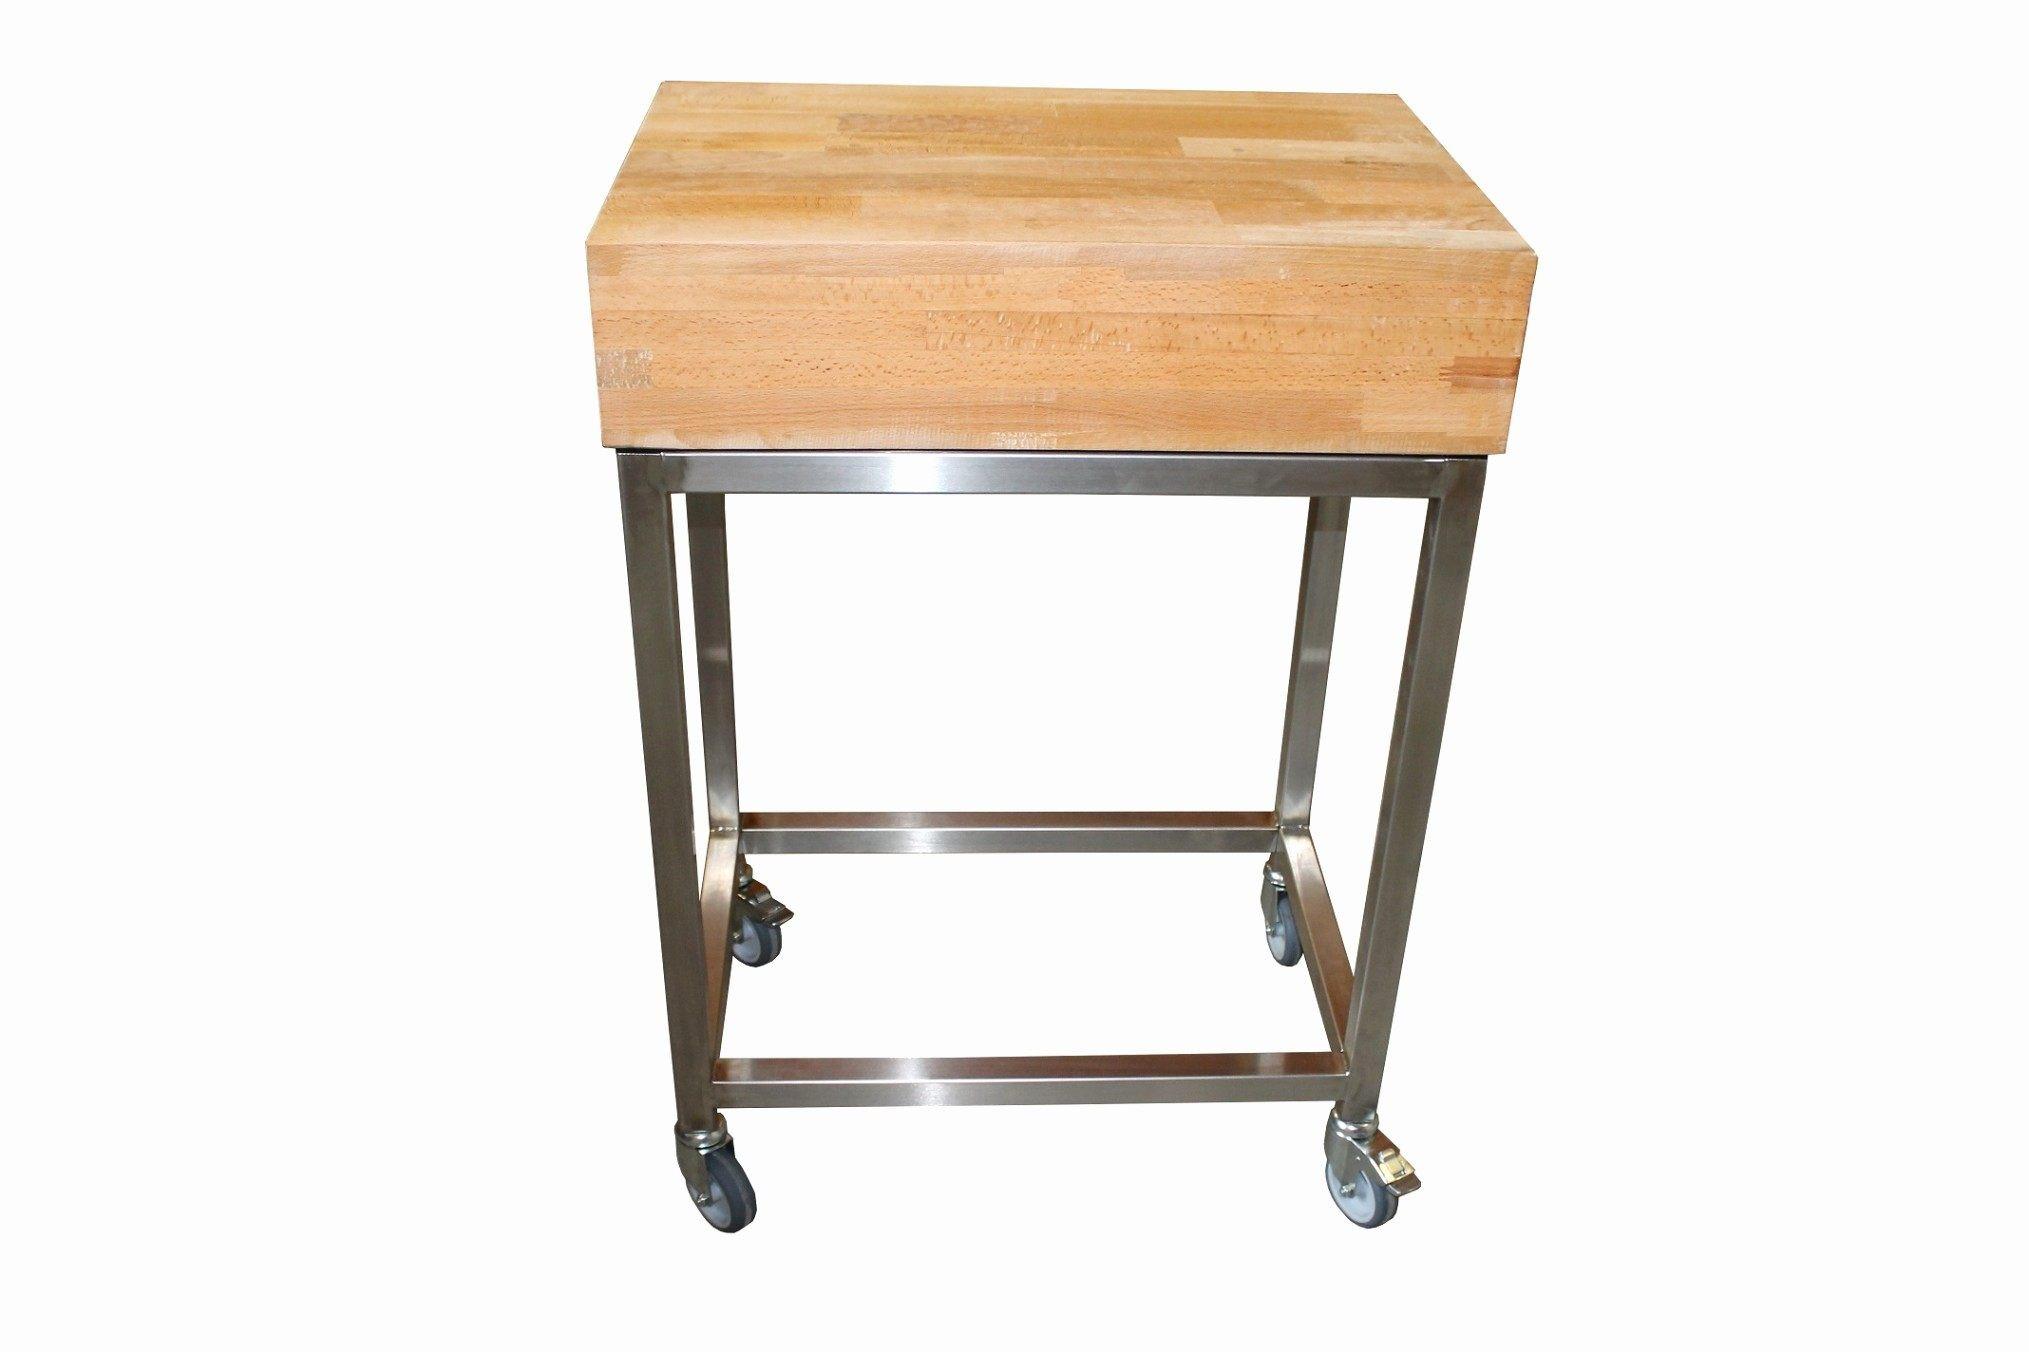 petit meuble bar meuble de salon image charmant bar de salon but lovely meuble salon of petit meuble bar